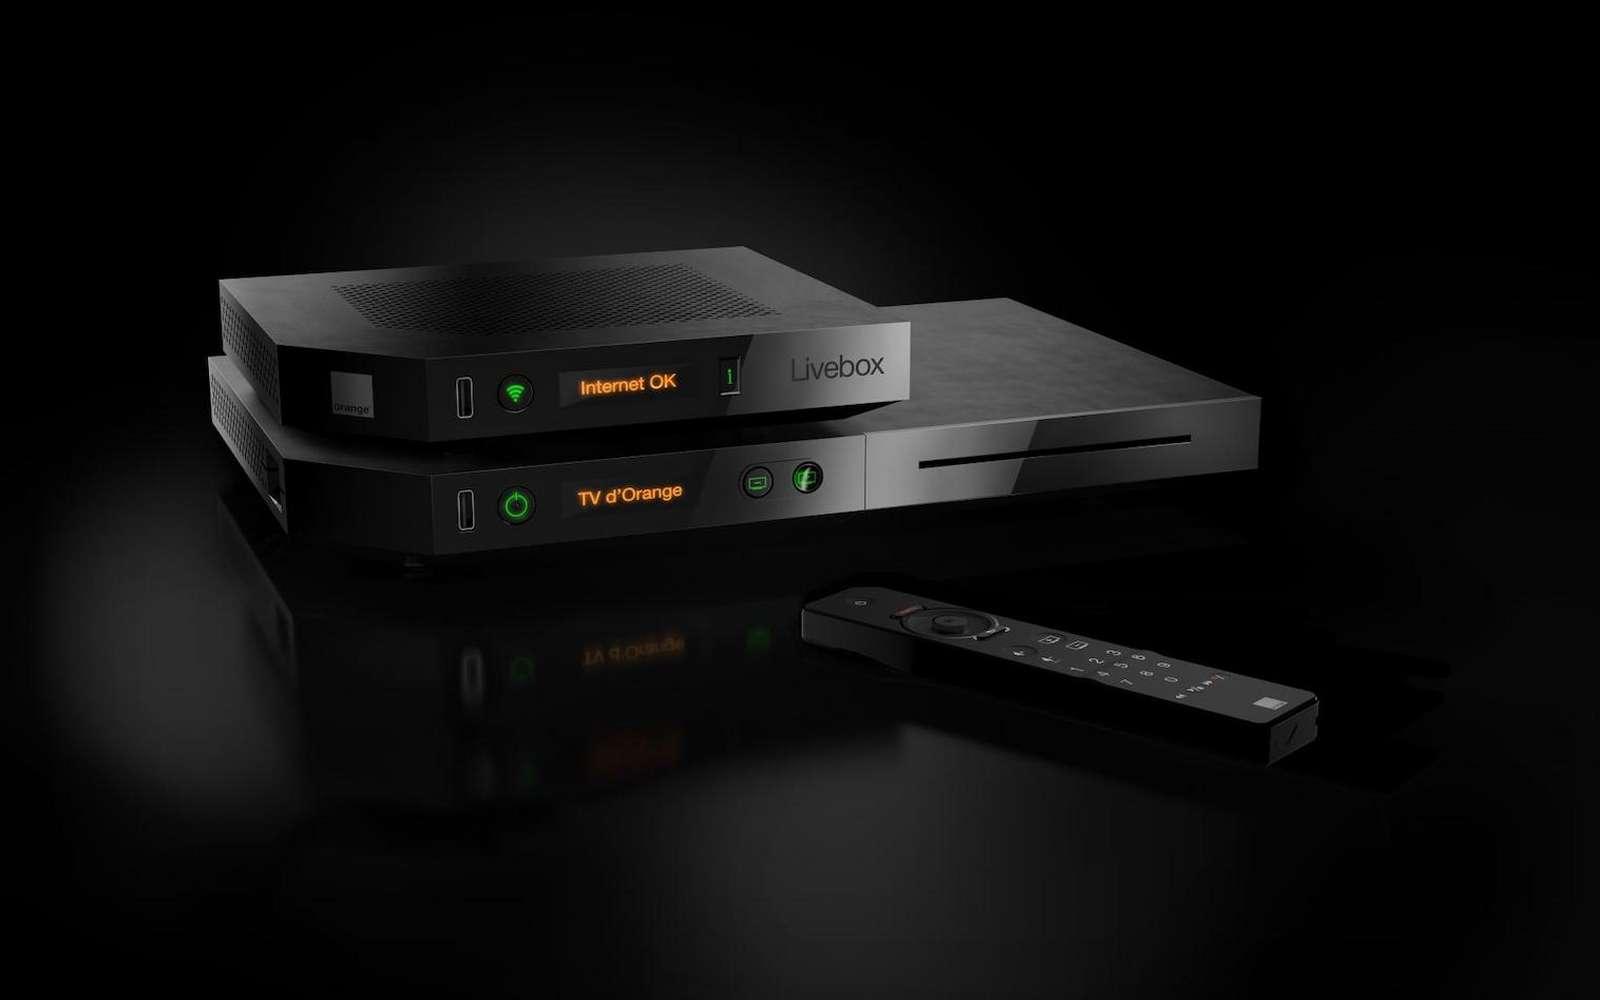 Piratage de plus de 20 000 Livebox chez Orange : une faille découverte en 2012 en cause